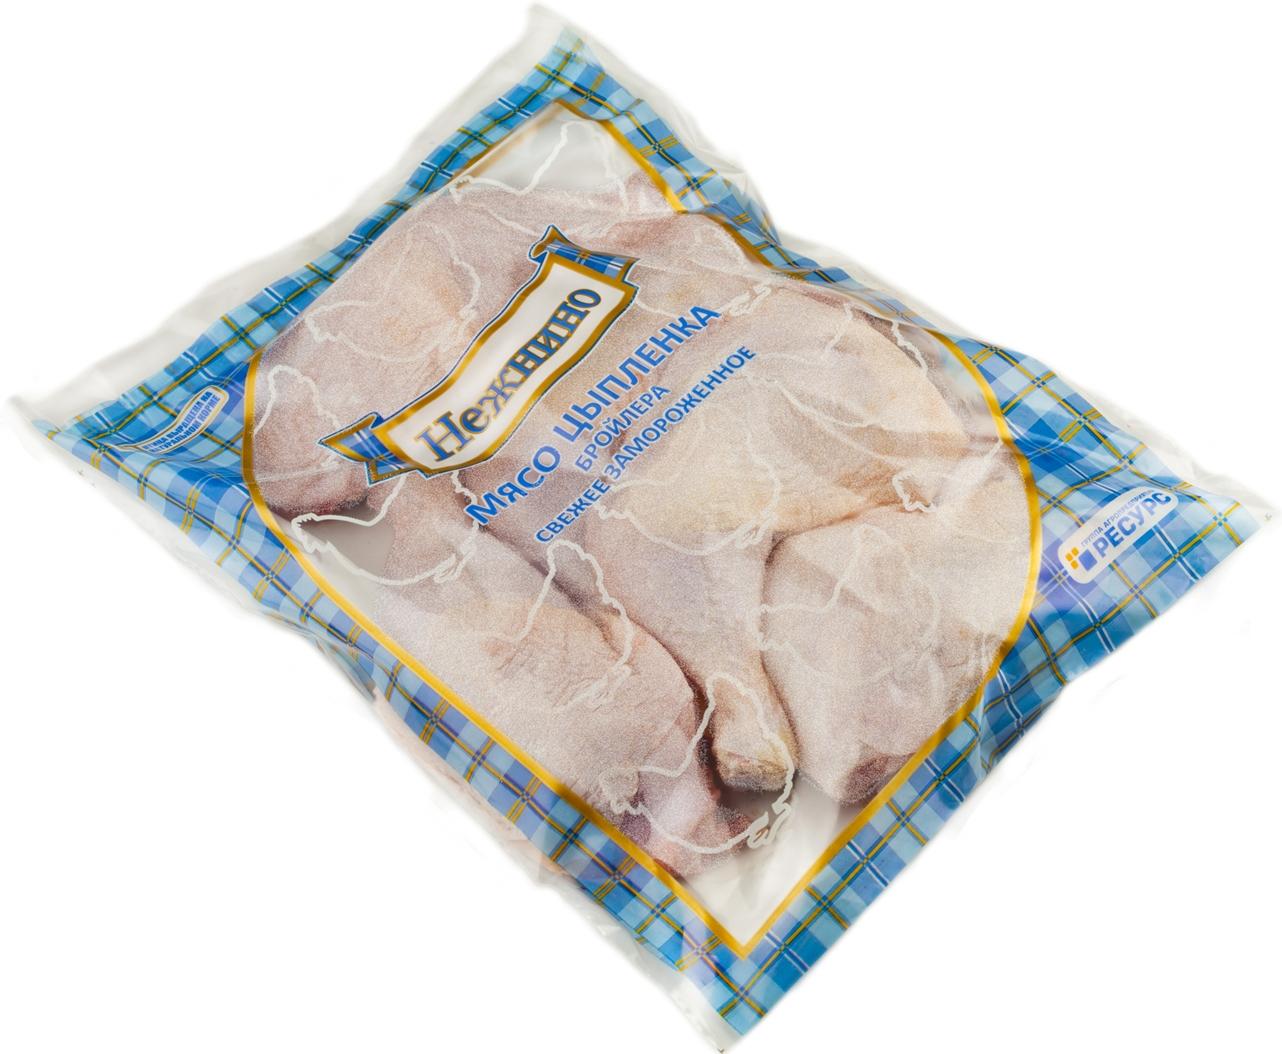 """Полуф. из мяса птицы , торговая марка """"Нежнино"""",""""Благояр"""""""